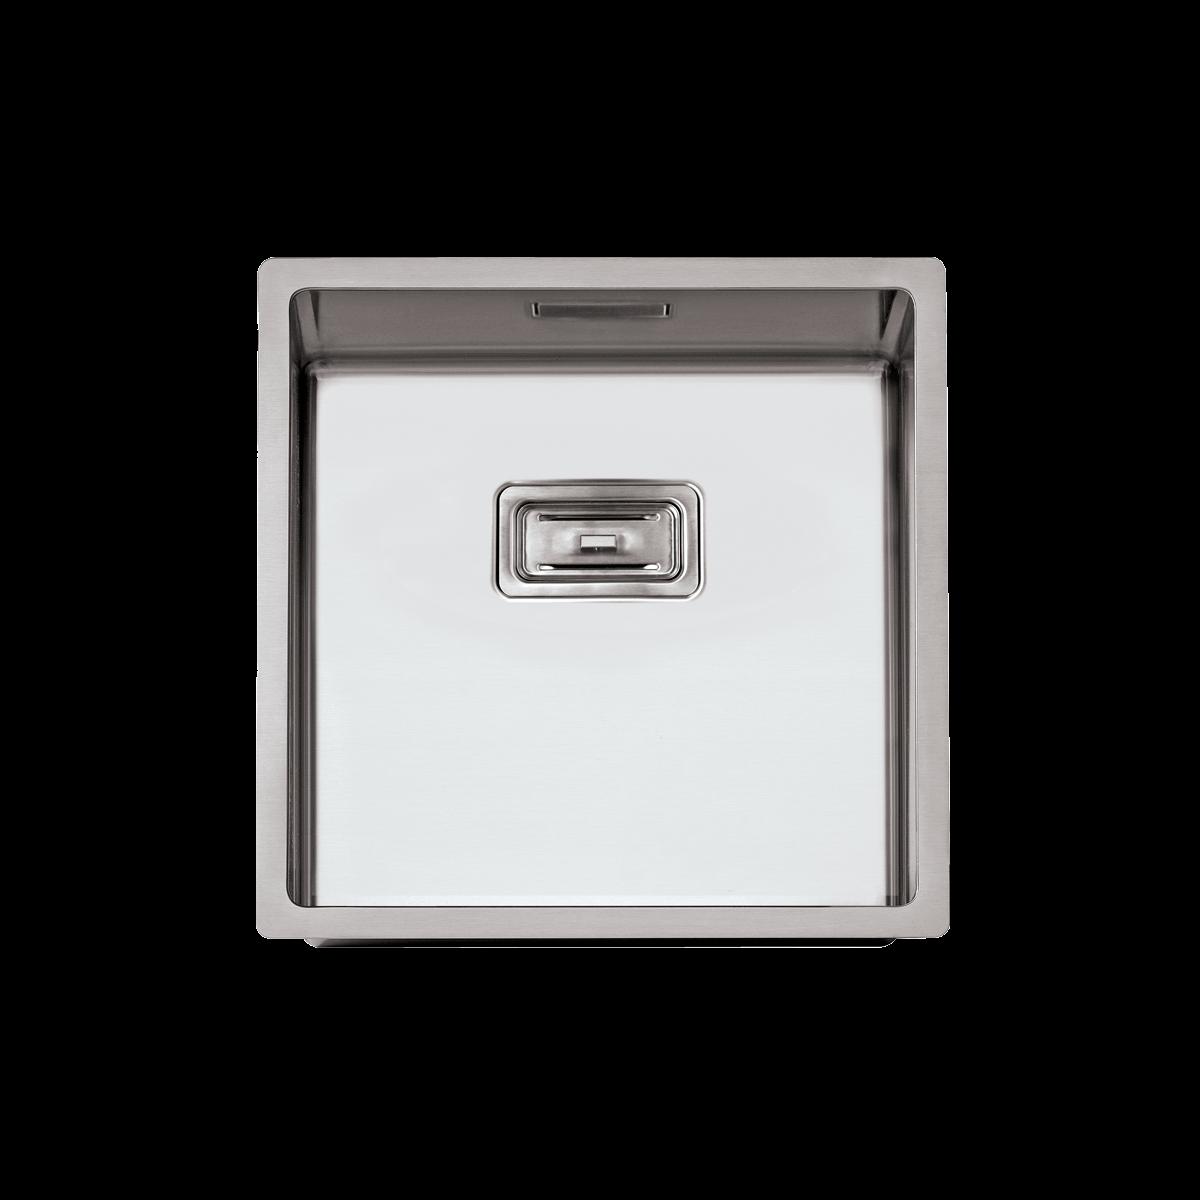 Evier en inox Rodi Box Lux Box Lux 40 BRO finition satiné couleur inox 400x400 avec 1 cuve vidage manuel Box Lux 40